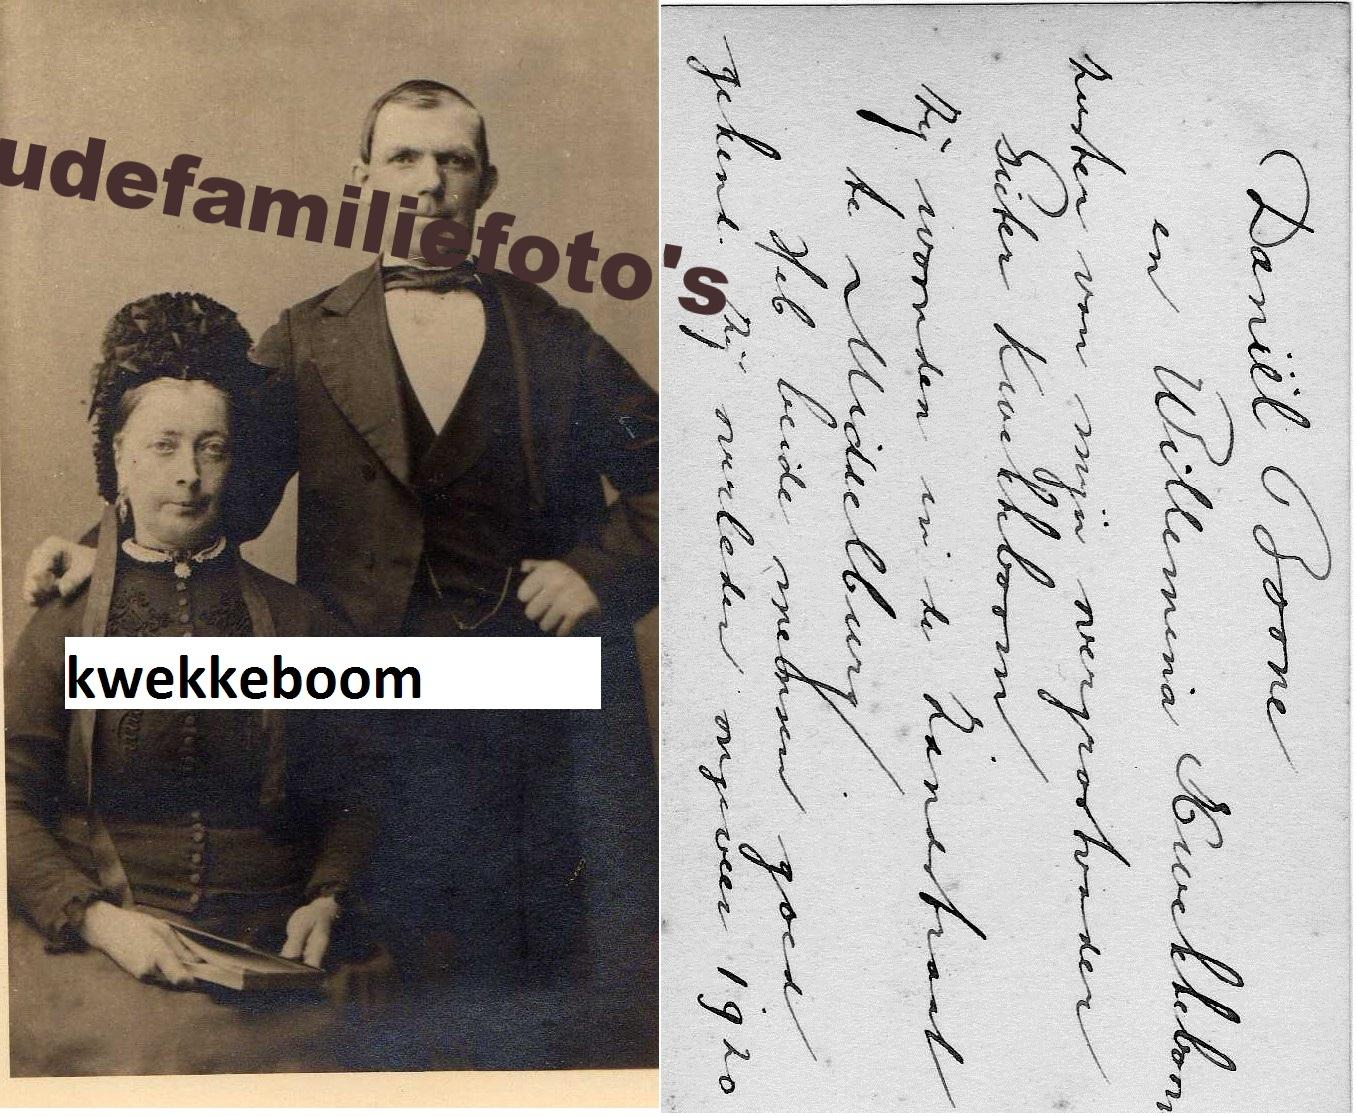 Kwekkeboom, Wlhelmina geb: 12-7-1839 Westkapelle ovl: 7-11-1914 gehuwd met Daniël Boone € 3,00